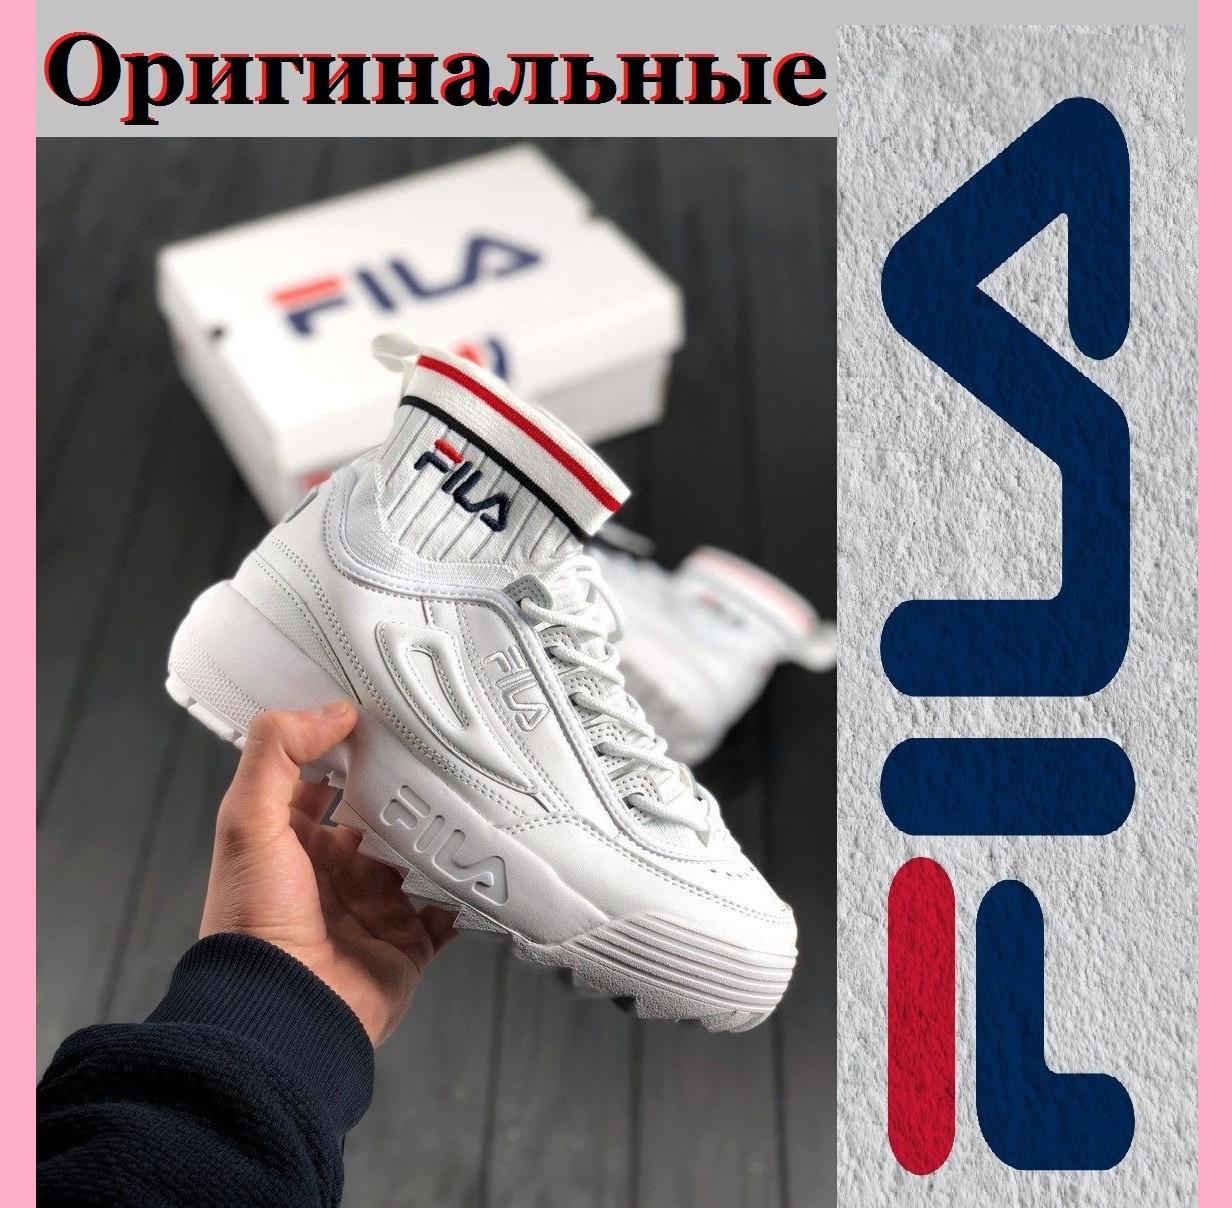 Кроссовки кожаные Fila Disruptor II EVO Sockfit. Оригинал.